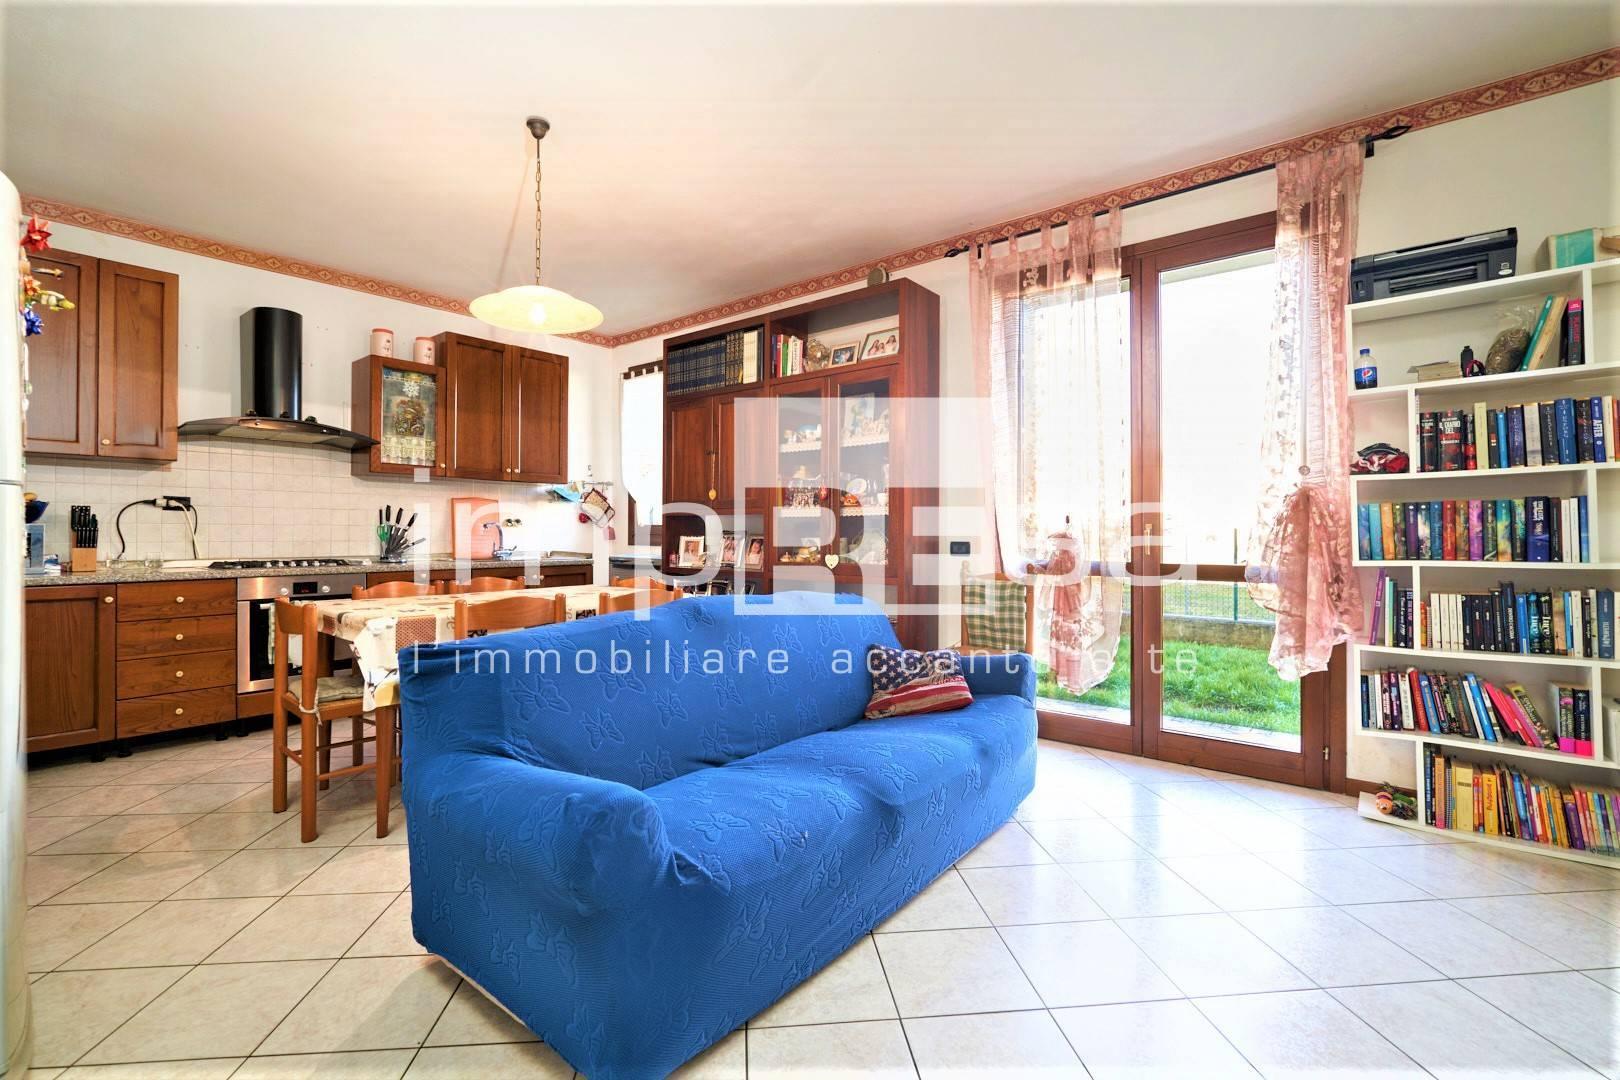 Appartamento in vendita a Mareno di Piave, 4 locali, prezzo € 155.000   PortaleAgenzieImmobiliari.it